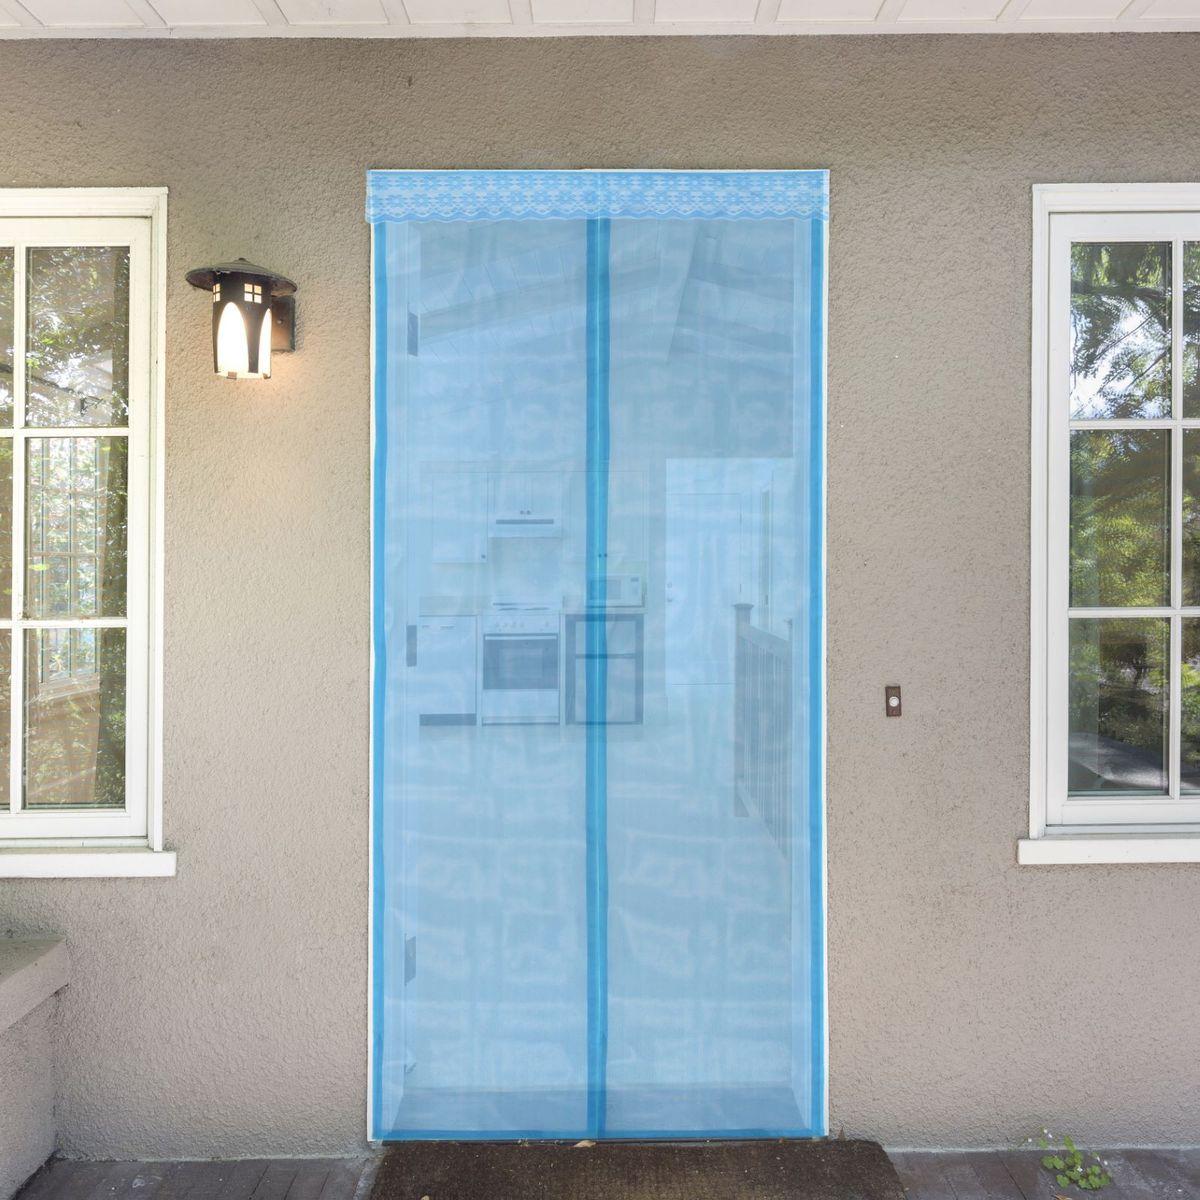 Сетка антимоскитная, на магнитной ленте, цвет: голубой, 80 х 210 см637929Сетка антимоскитная защитит вас от насекомых, изготовленная на магнитной ленте, универсальна в использовании: подвесьте ее при входе в садовый дом или балкон, чтобы предотвратить попадание комаров внутрь жилища. Наслаждайтесь свежим воздухом без компании надоедливых насекомых.Чтобы зафиксировать занавес в дверном проеме, достаточно закрепить занавеску по периметру двери с помощью кнопок, идущих в комплекте.В комплект входит: полиэстеровая сетка-штора (80 x 210 см), магнитная лента и крепёжные крючки.Принцип действия занавеса предельно прост: каждый раз, когда вы будете проходить сквозь шторы, они автоматически захлопнутся за вами благодаря магнитам, расположенным по всей его длине.